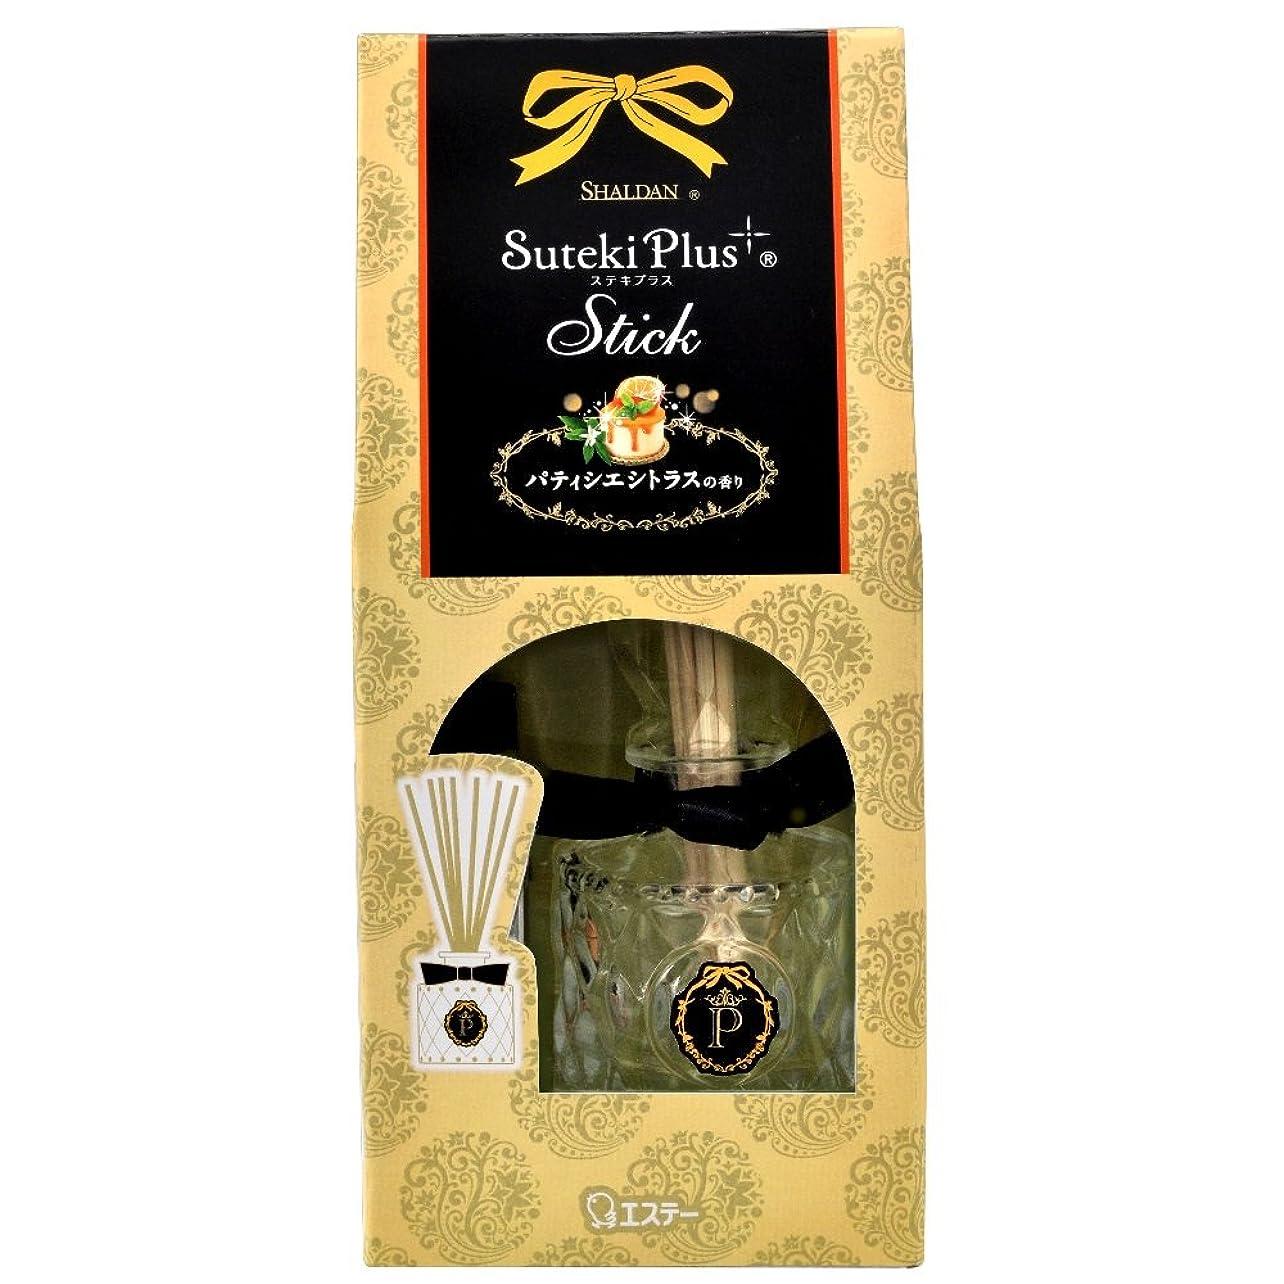 絶縁する伝統宙返りシャルダン ステキプラス スティック 消臭芳香剤 部屋用 本体 パティシエシトラスの香り 45ml